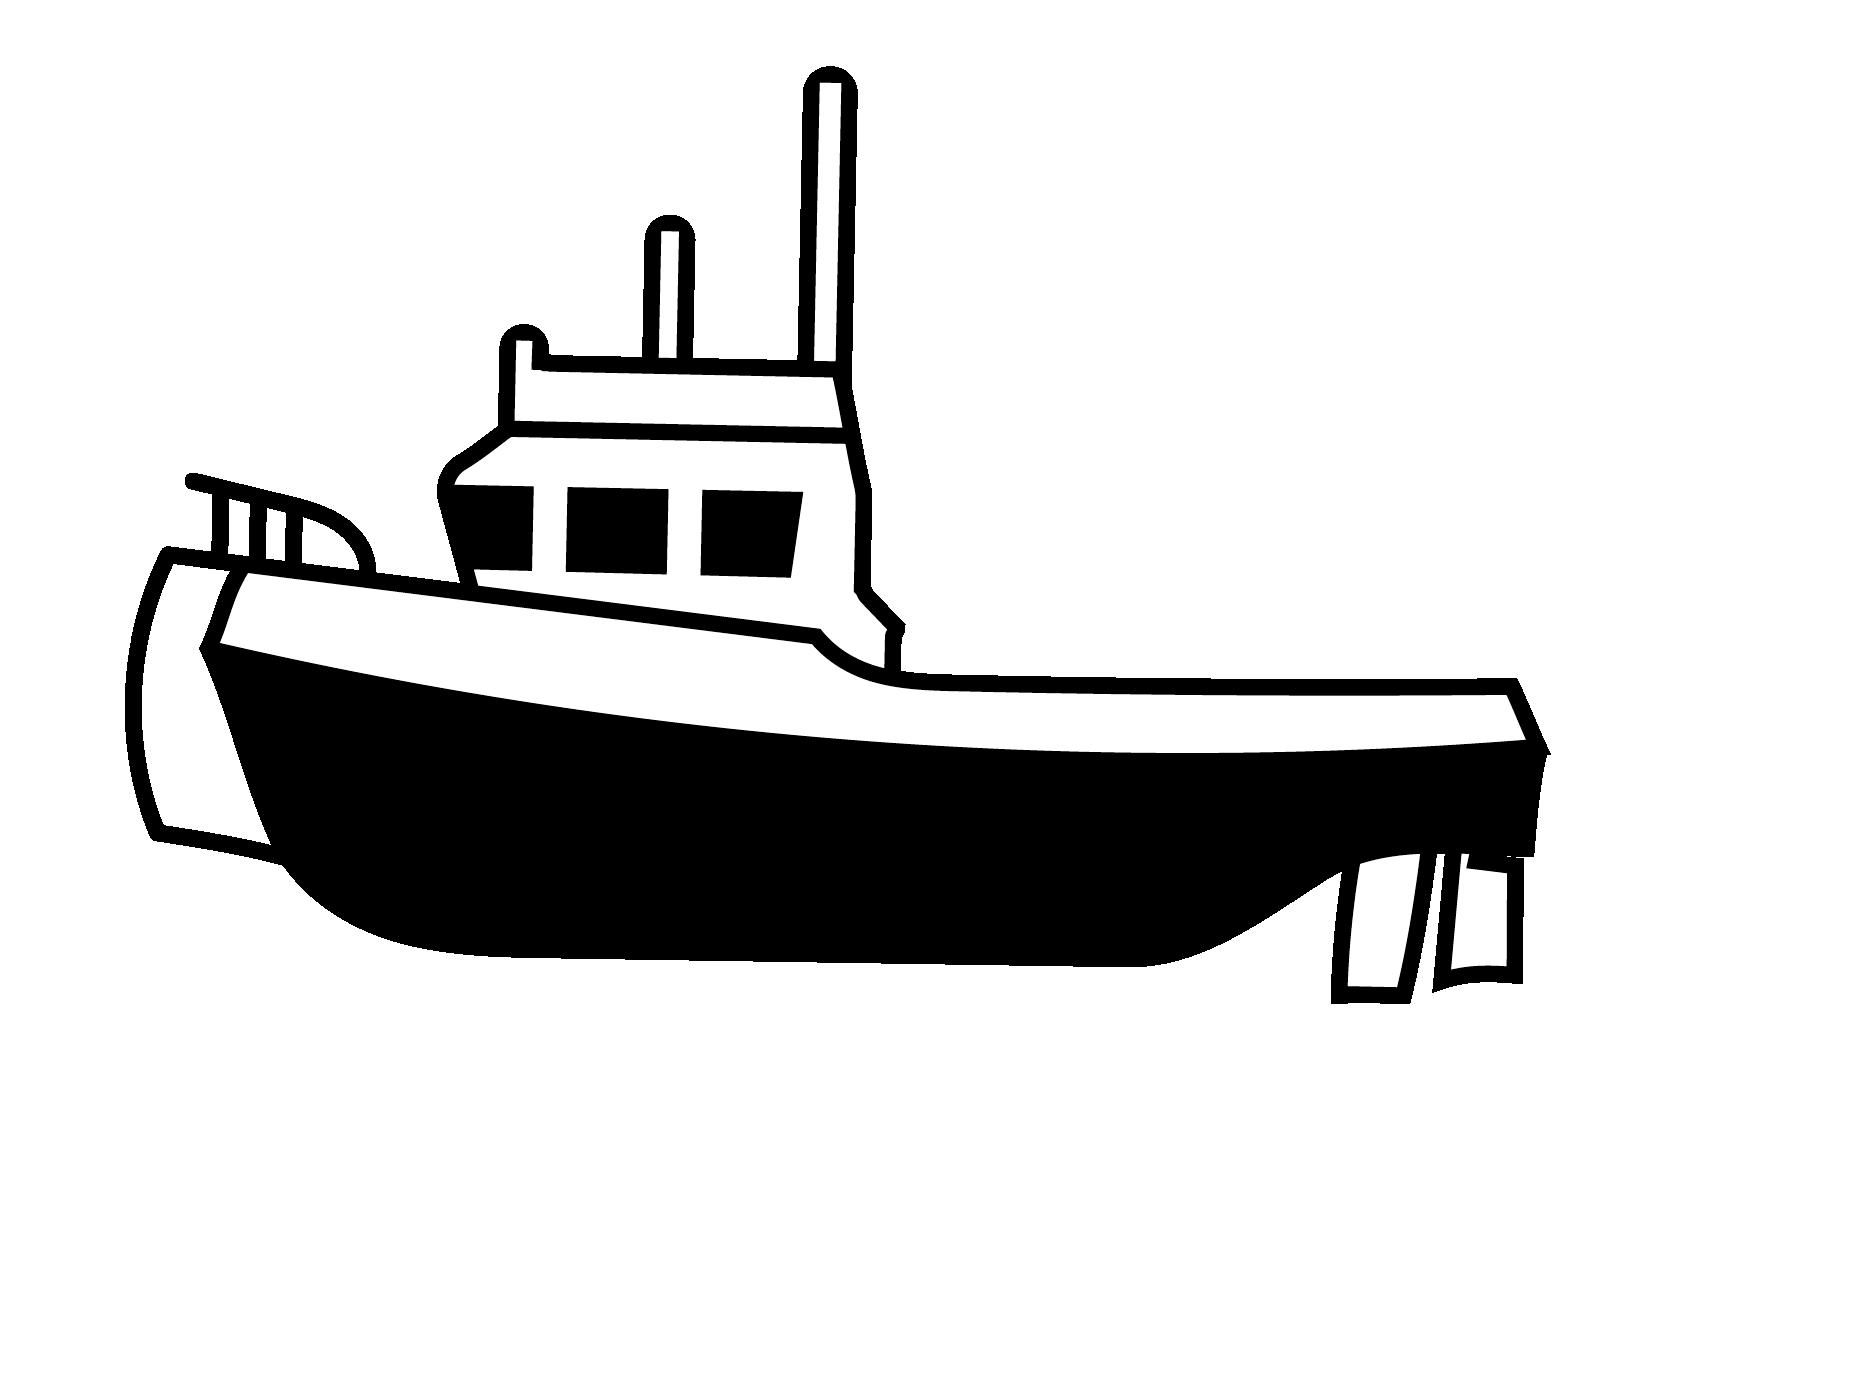 Tugboat Media - Tugboat PNG Black And White